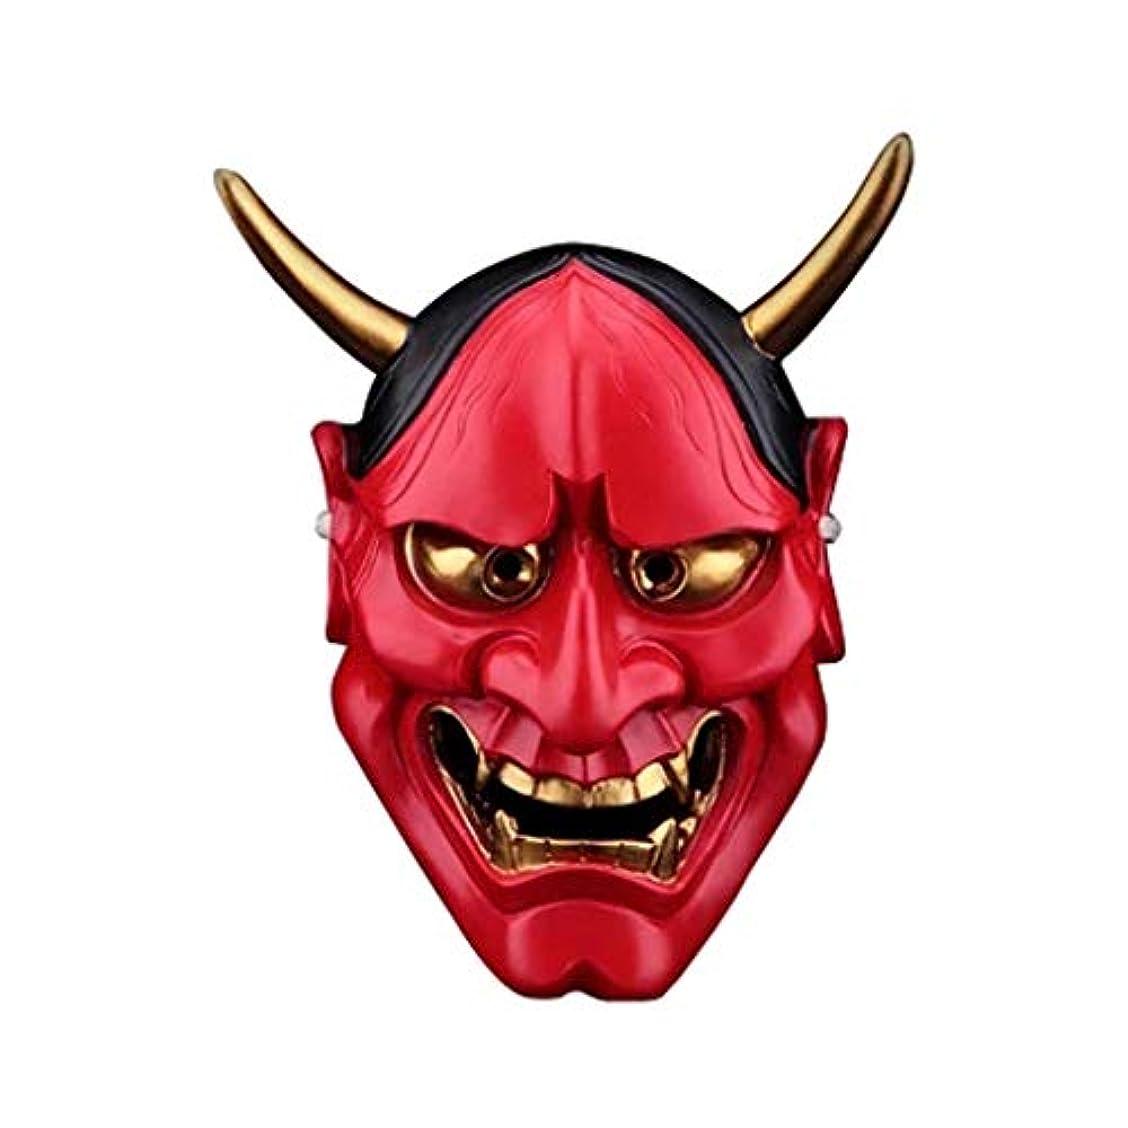 オークショッピングセンター付録ハロウィンホラーマスク、成人用樹脂マスクデコレーション (Color : BRONZE)